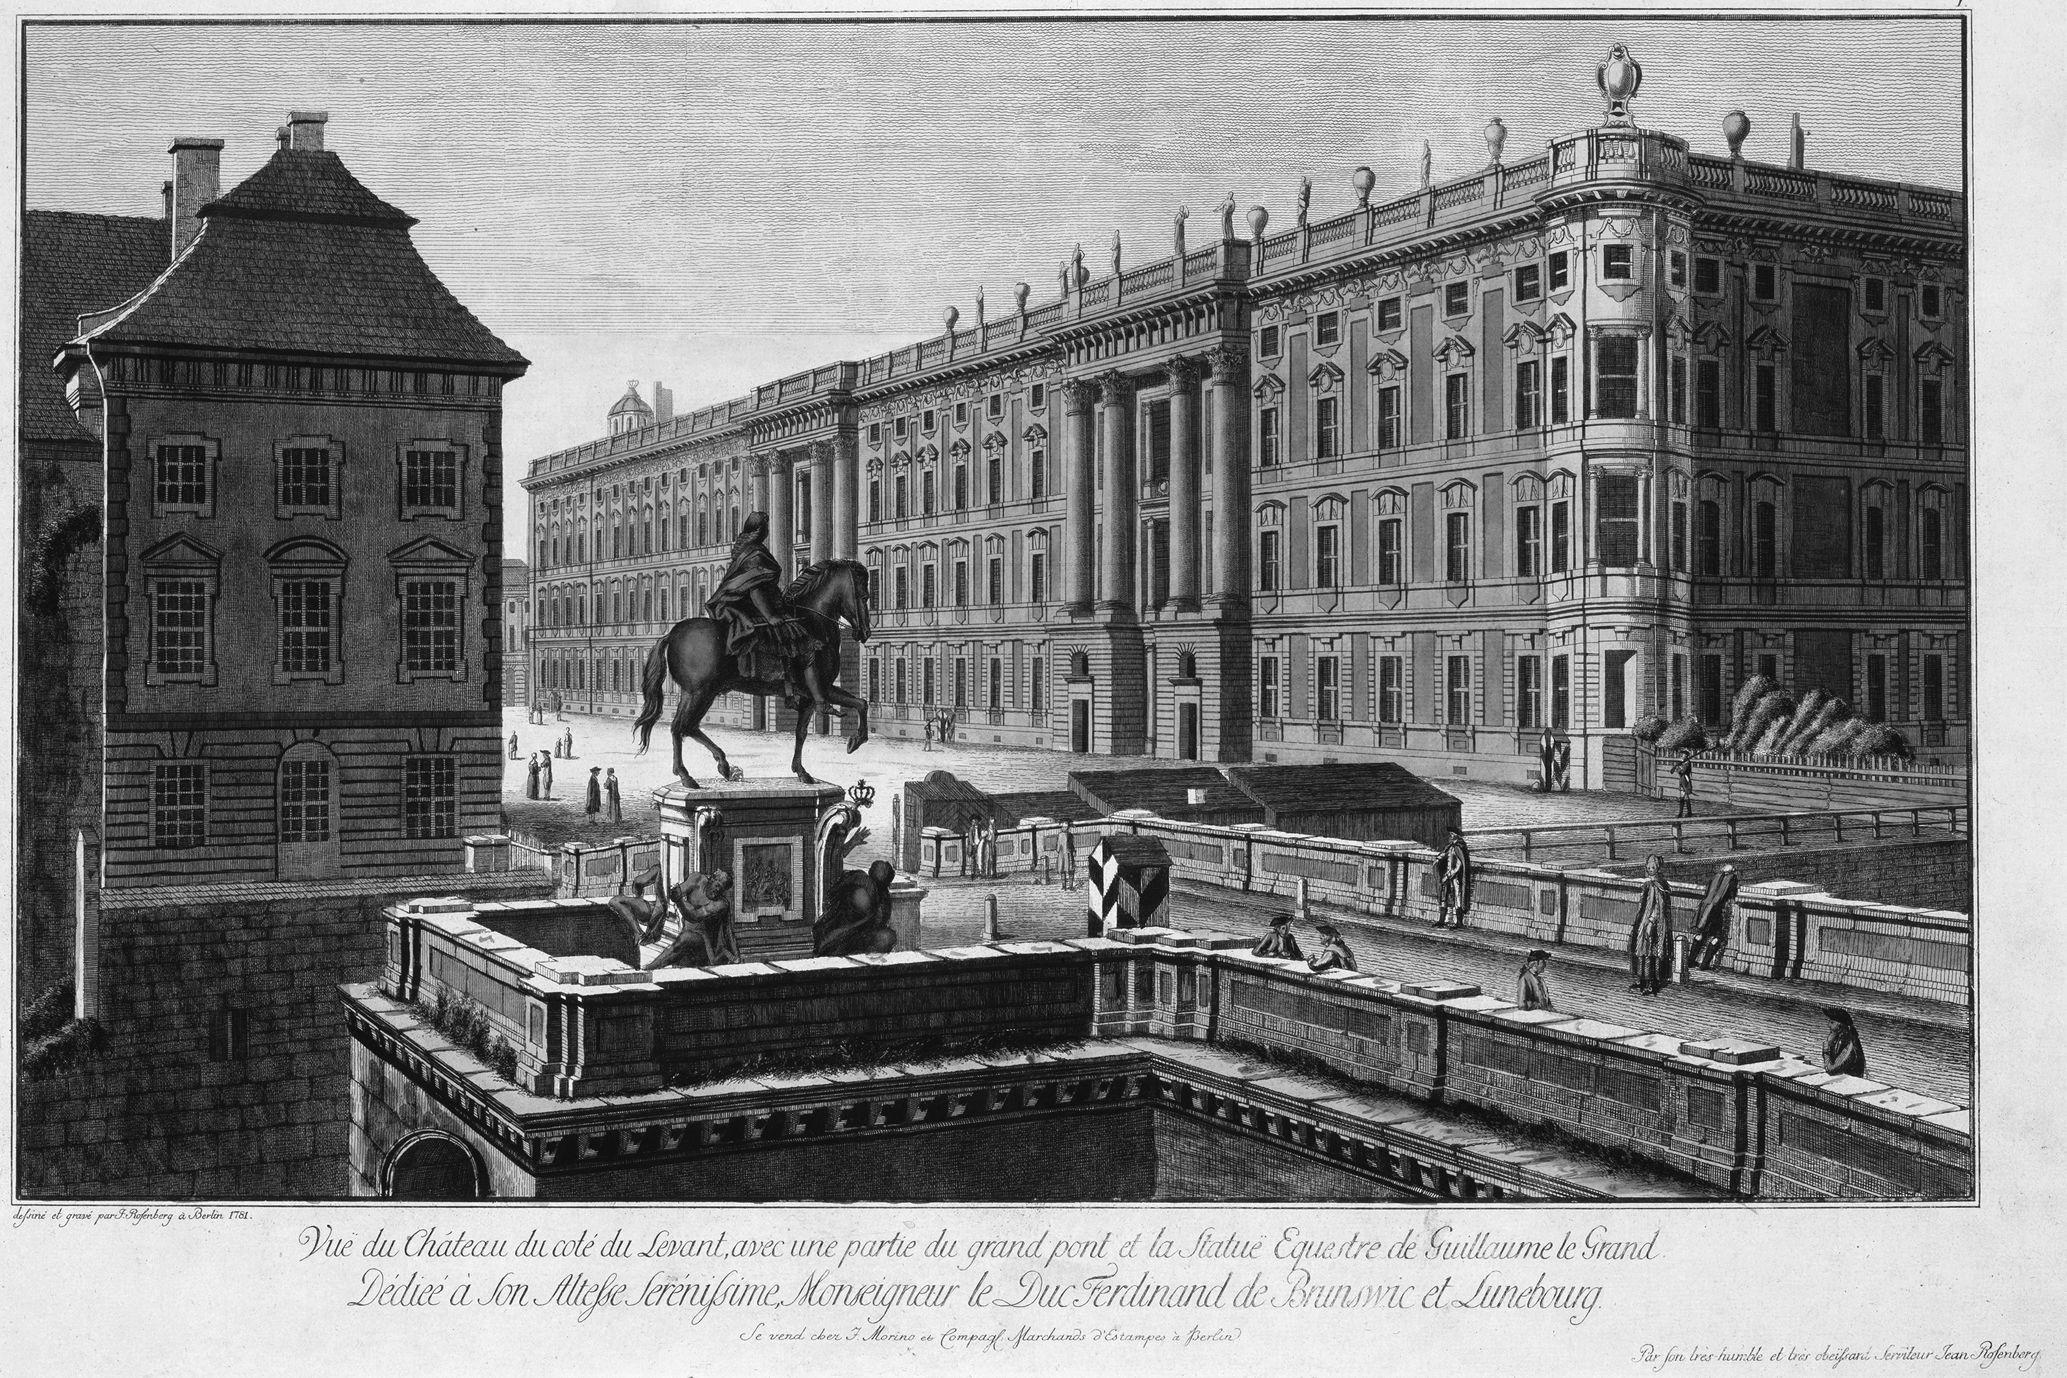 1 Johann Georg Rosenberg: Das Reiterstandbild des Großen Kurfürsten auf der Langen Brücke mit dem Schloss, Kupferstich, Berlin, 1781 (bpk / Staatliche Museen zu Berlin, Kupferstichkabinett / Jörg P. Anders).